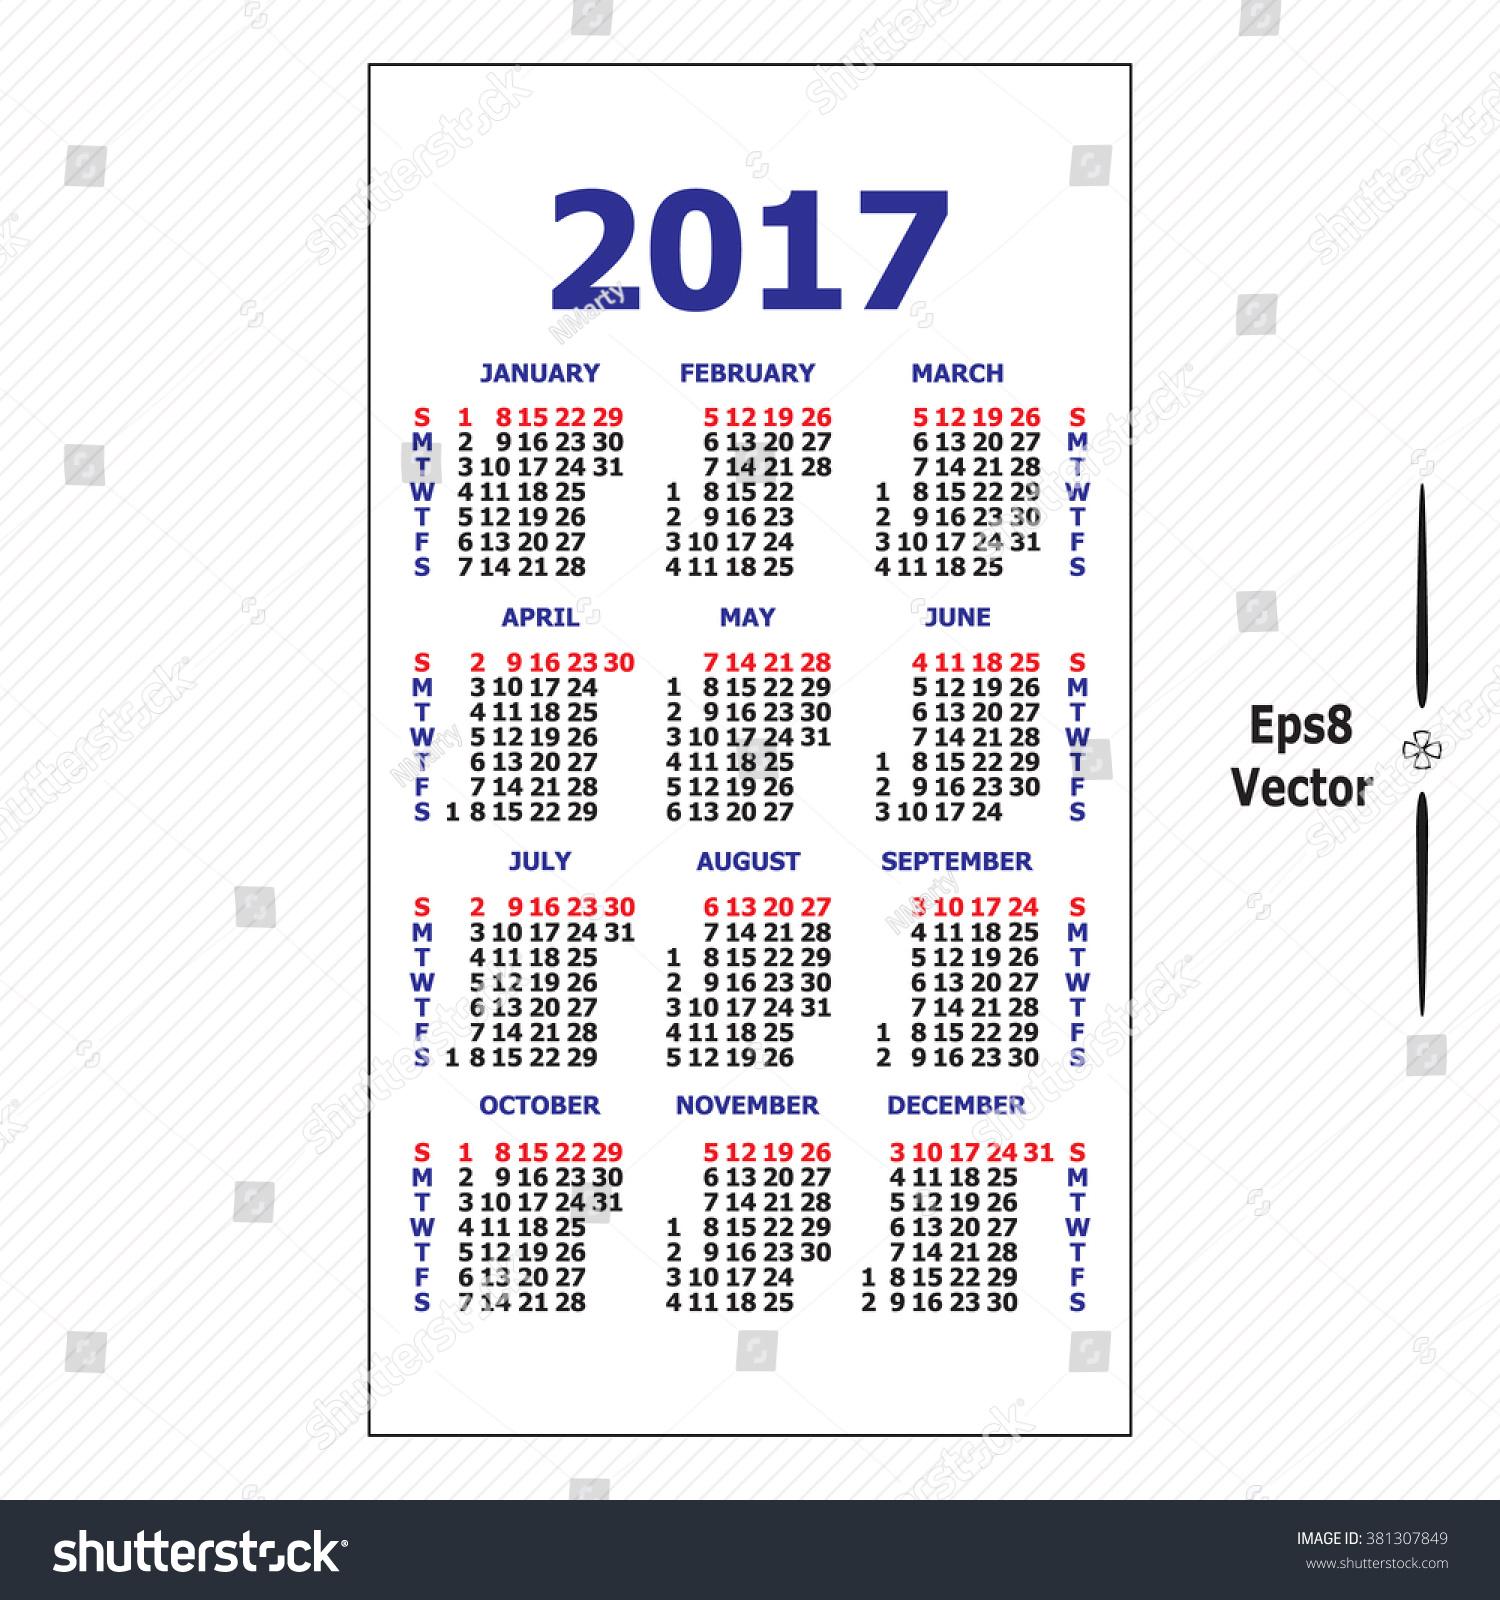 pocket schedule template - 2017 pocket calendar template calendar grid vertical